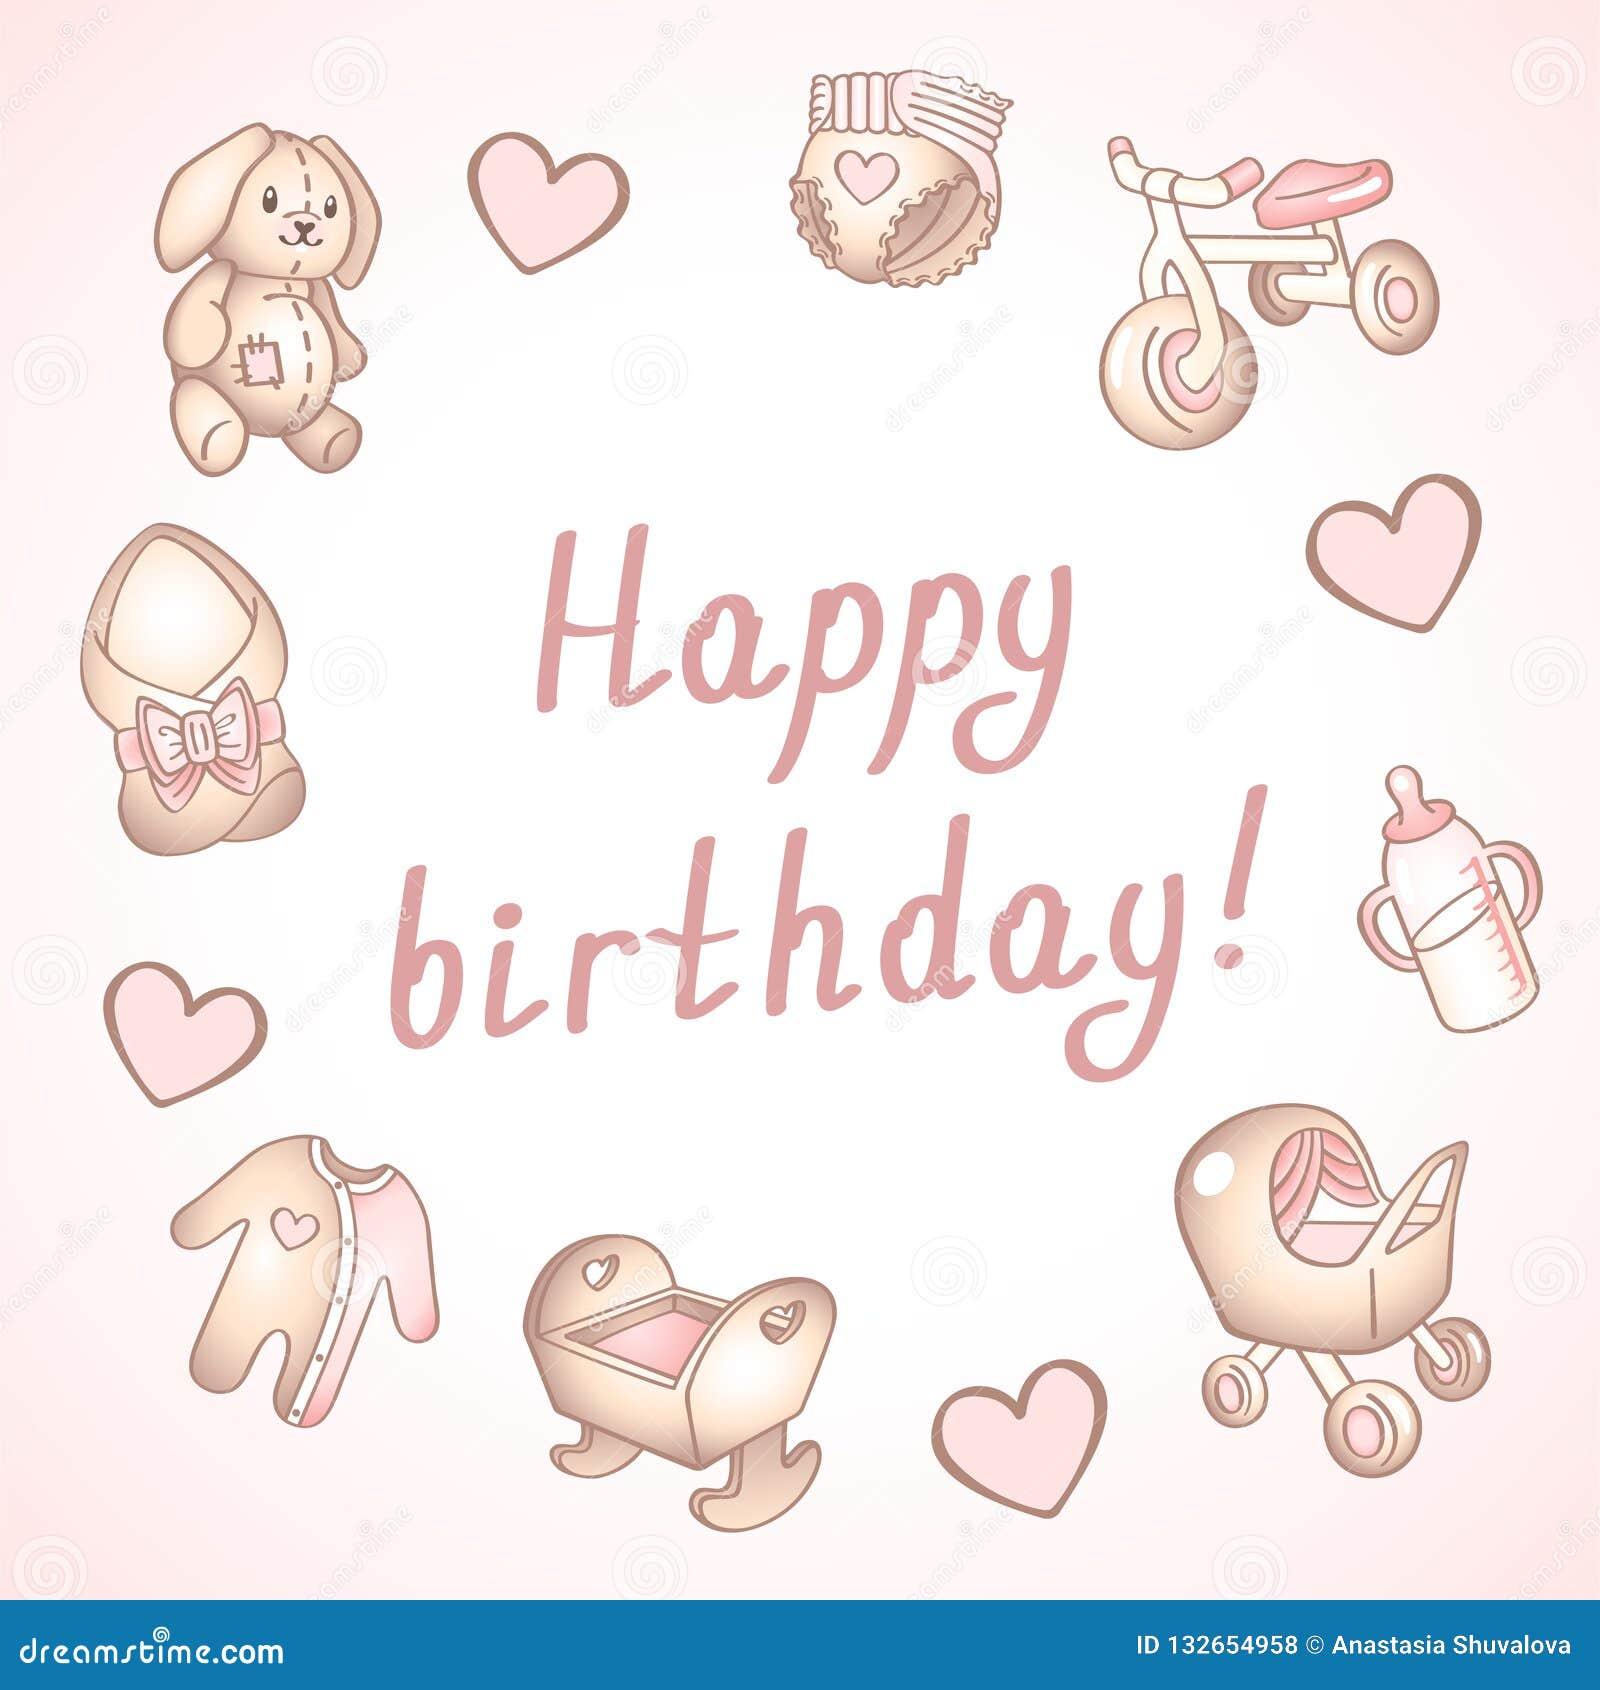 Κάρτα γενεθλίων μωρών, κάρτα ντους, αφίσα, πρότυπο Χαριτωμένες διανυσματικές απεικονίσεις Σύνολο παιχνιδιών, σίτισης και προσοχής